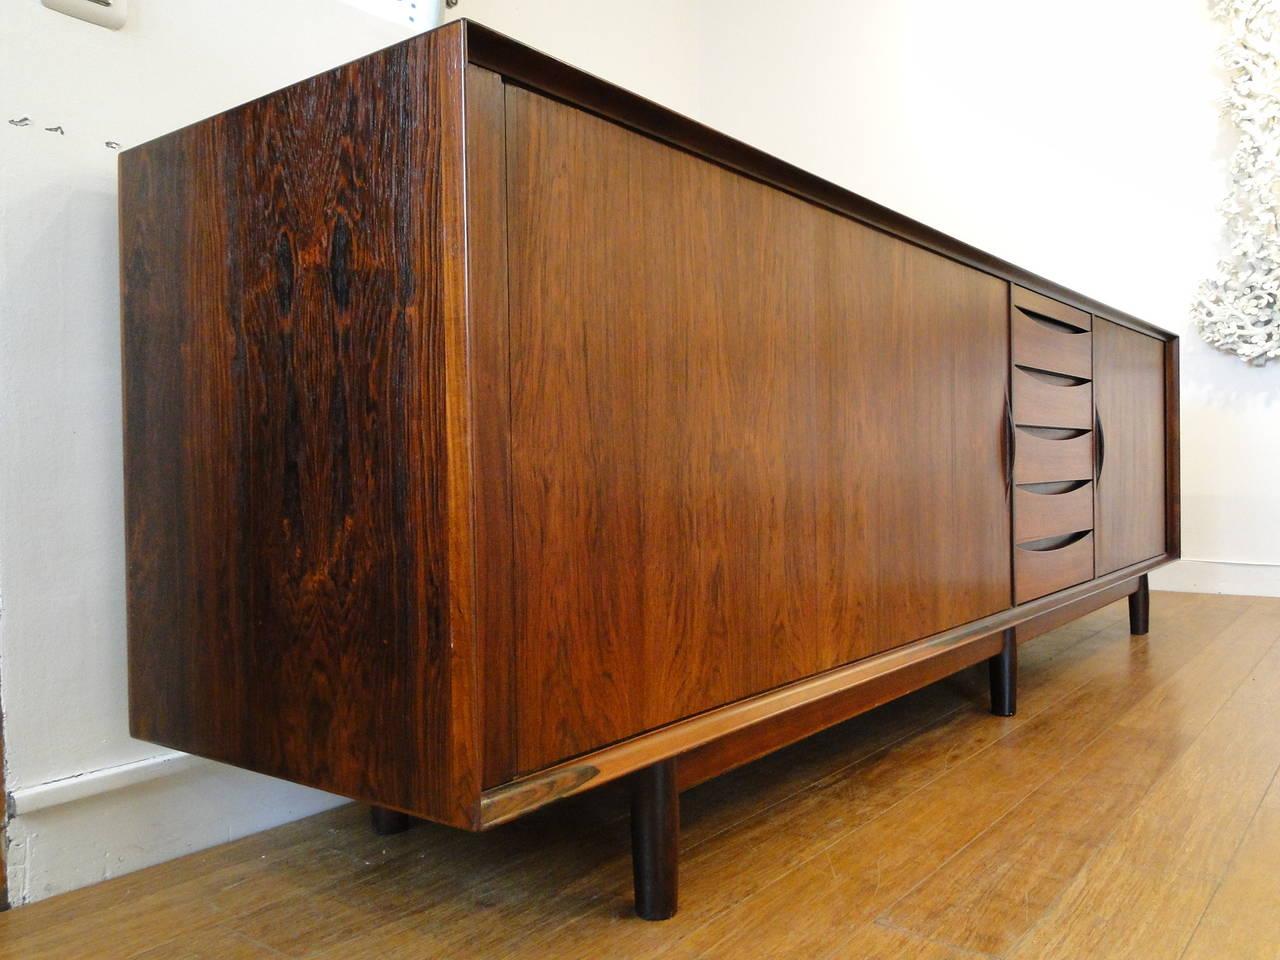 arne vodder tambour rosewood credenza sideboard at 1stdibs. Black Bedroom Furniture Sets. Home Design Ideas